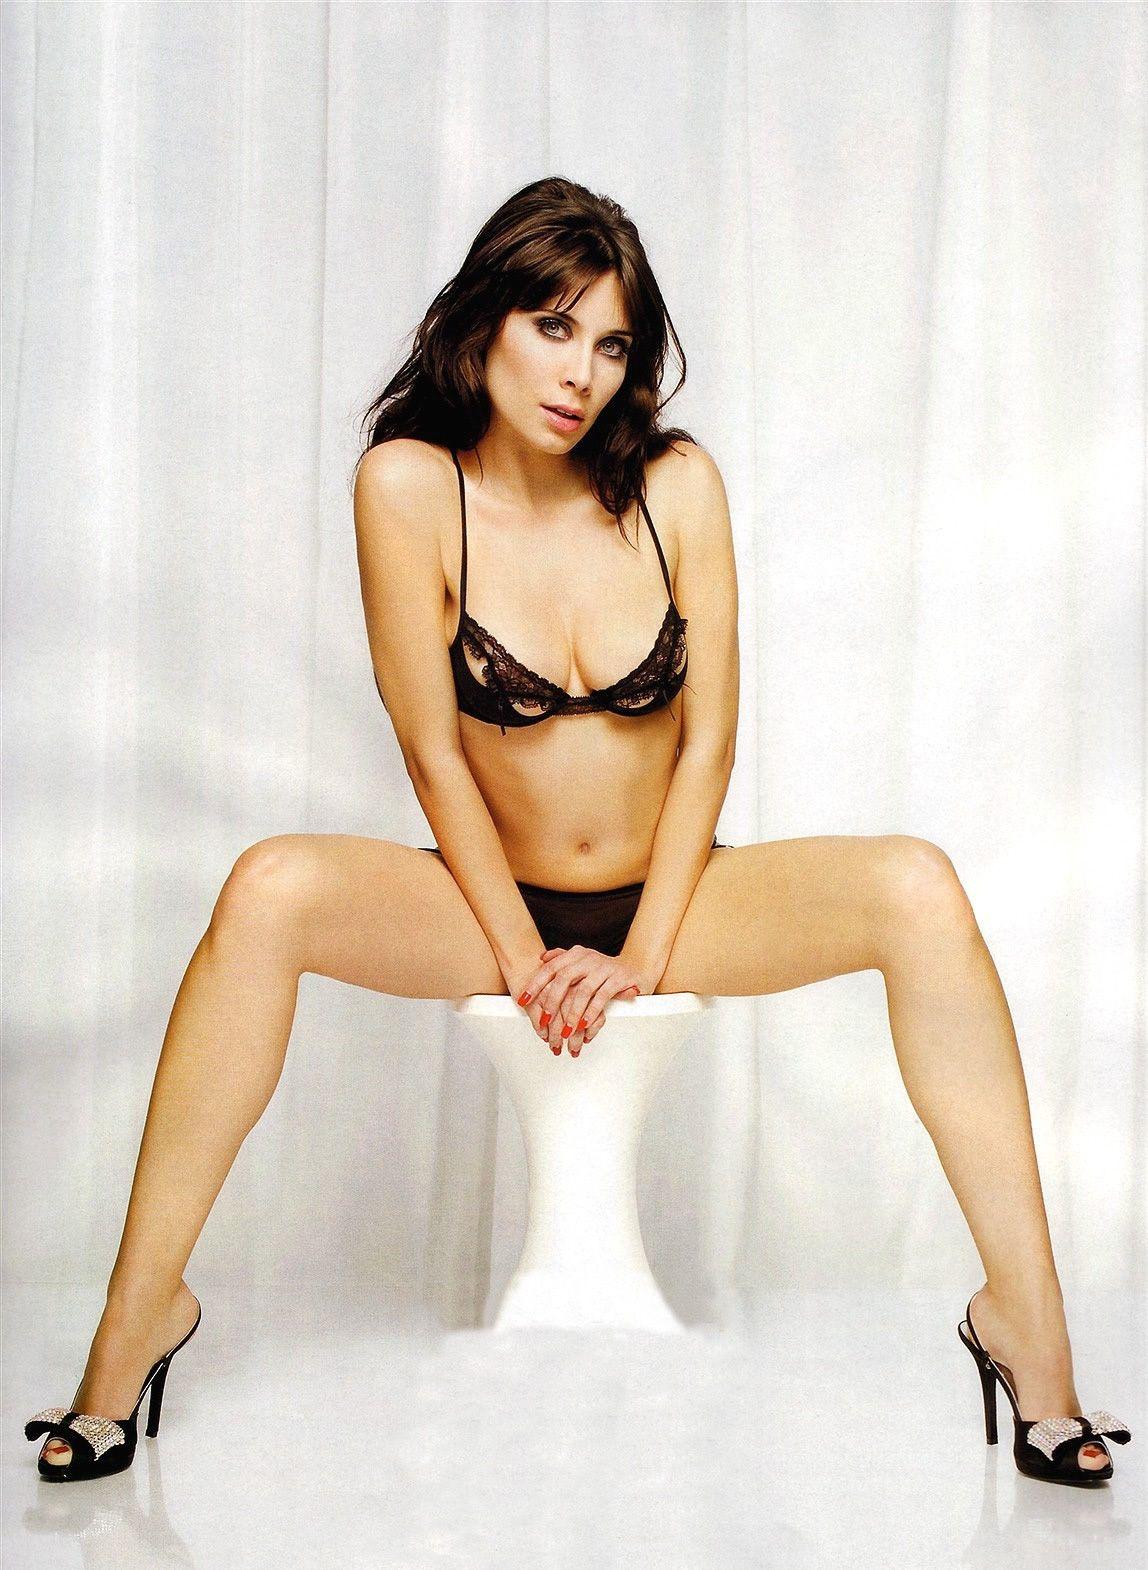 Pilar Rubio en lencería sexy 8d165aed80fe